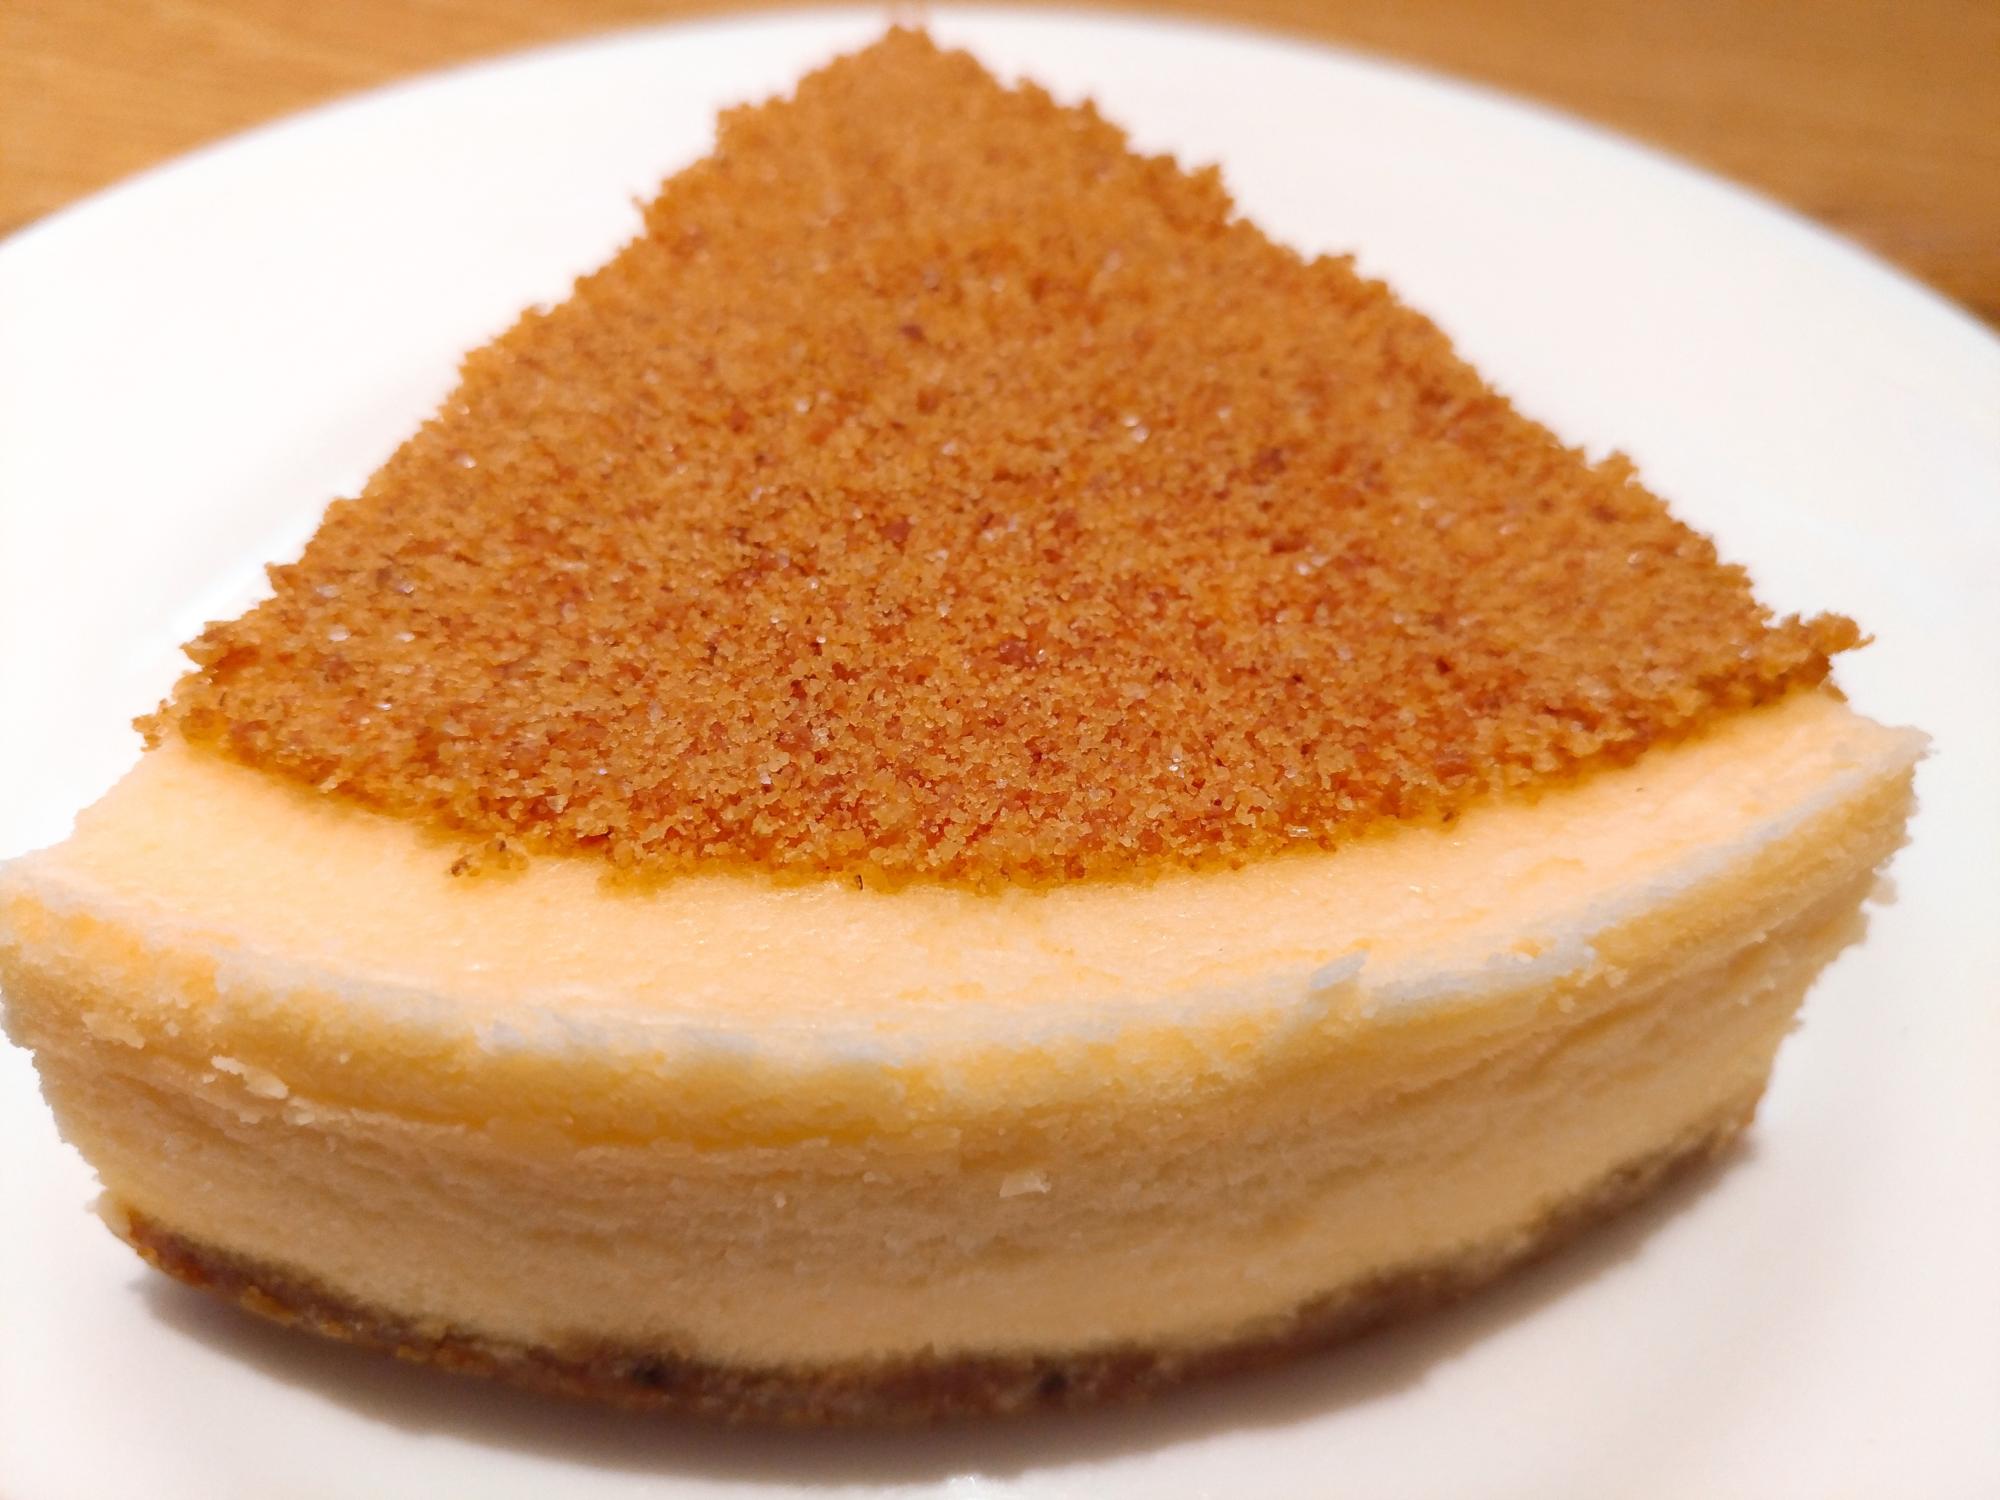 ニューヨークチーズケーキ 楽天カフェ (5)_R